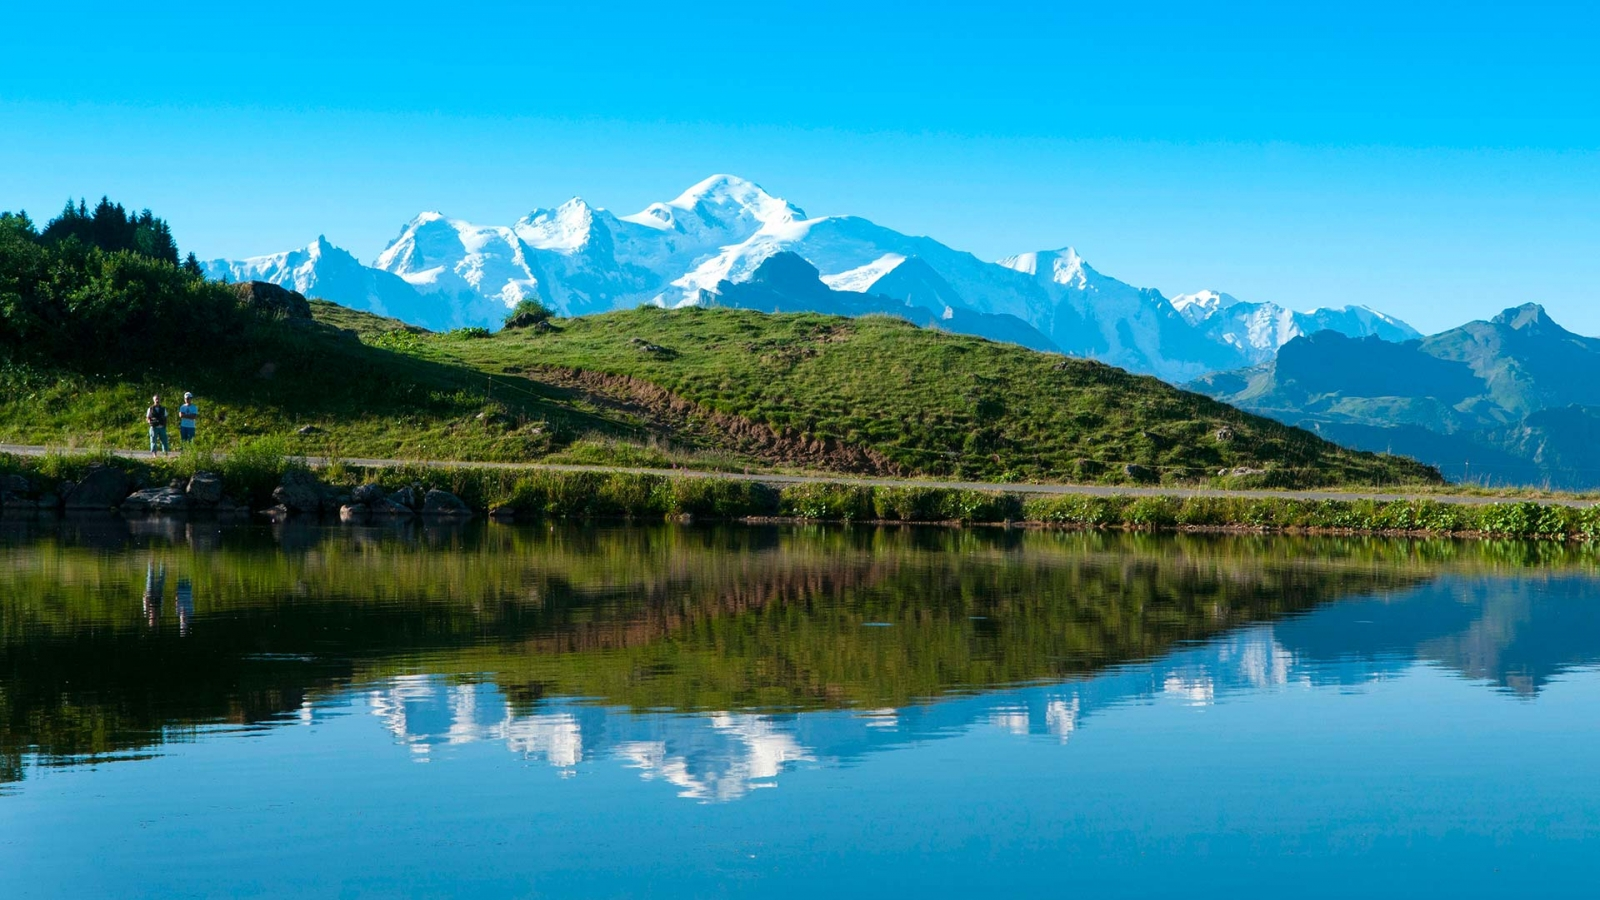 Photo du Mont-Blanc vu depuis le lac de Joux Plane entre Samoëns et Les Gets - massif du Chablais (74)